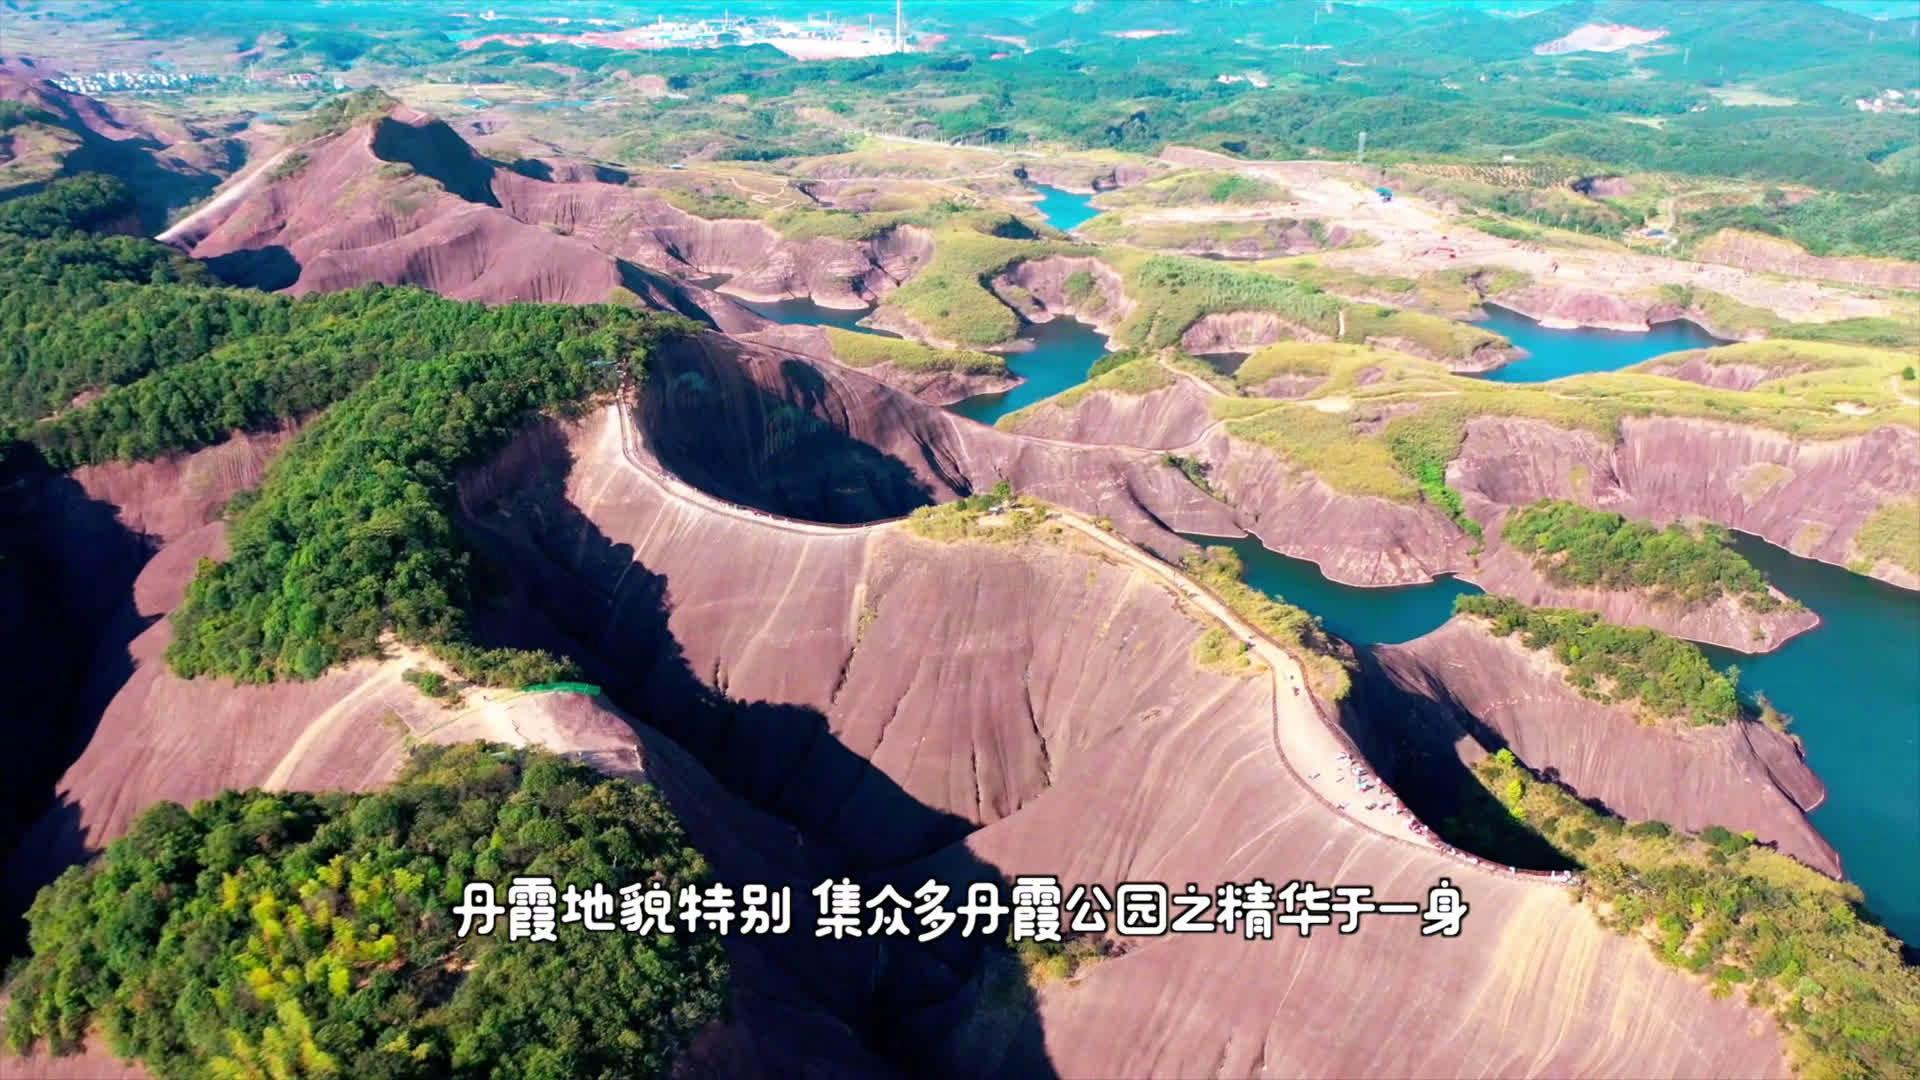 高椅岭位于 省郴州市 作为郴州丹霞地貌中突出的代表和美的象征……